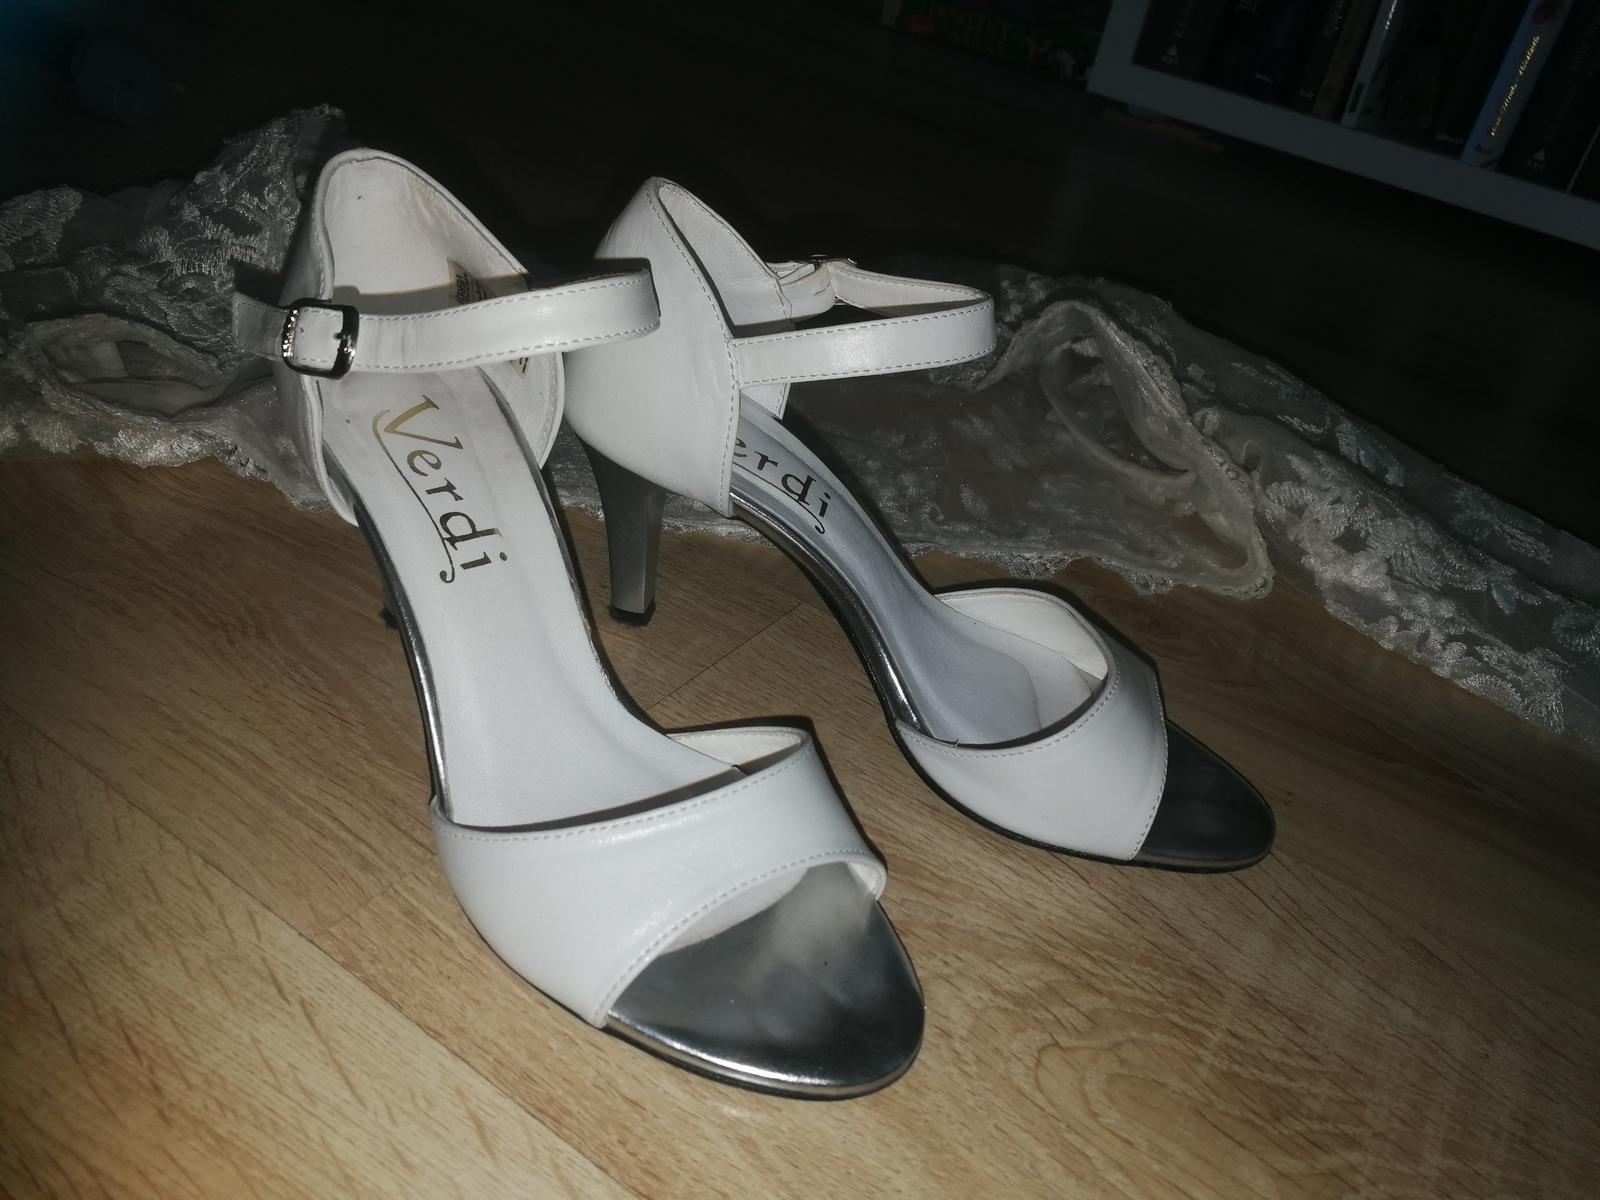 Svadobné biele topánky zn. Verdi , obuté cca 3 hod - Obrázok č. 1